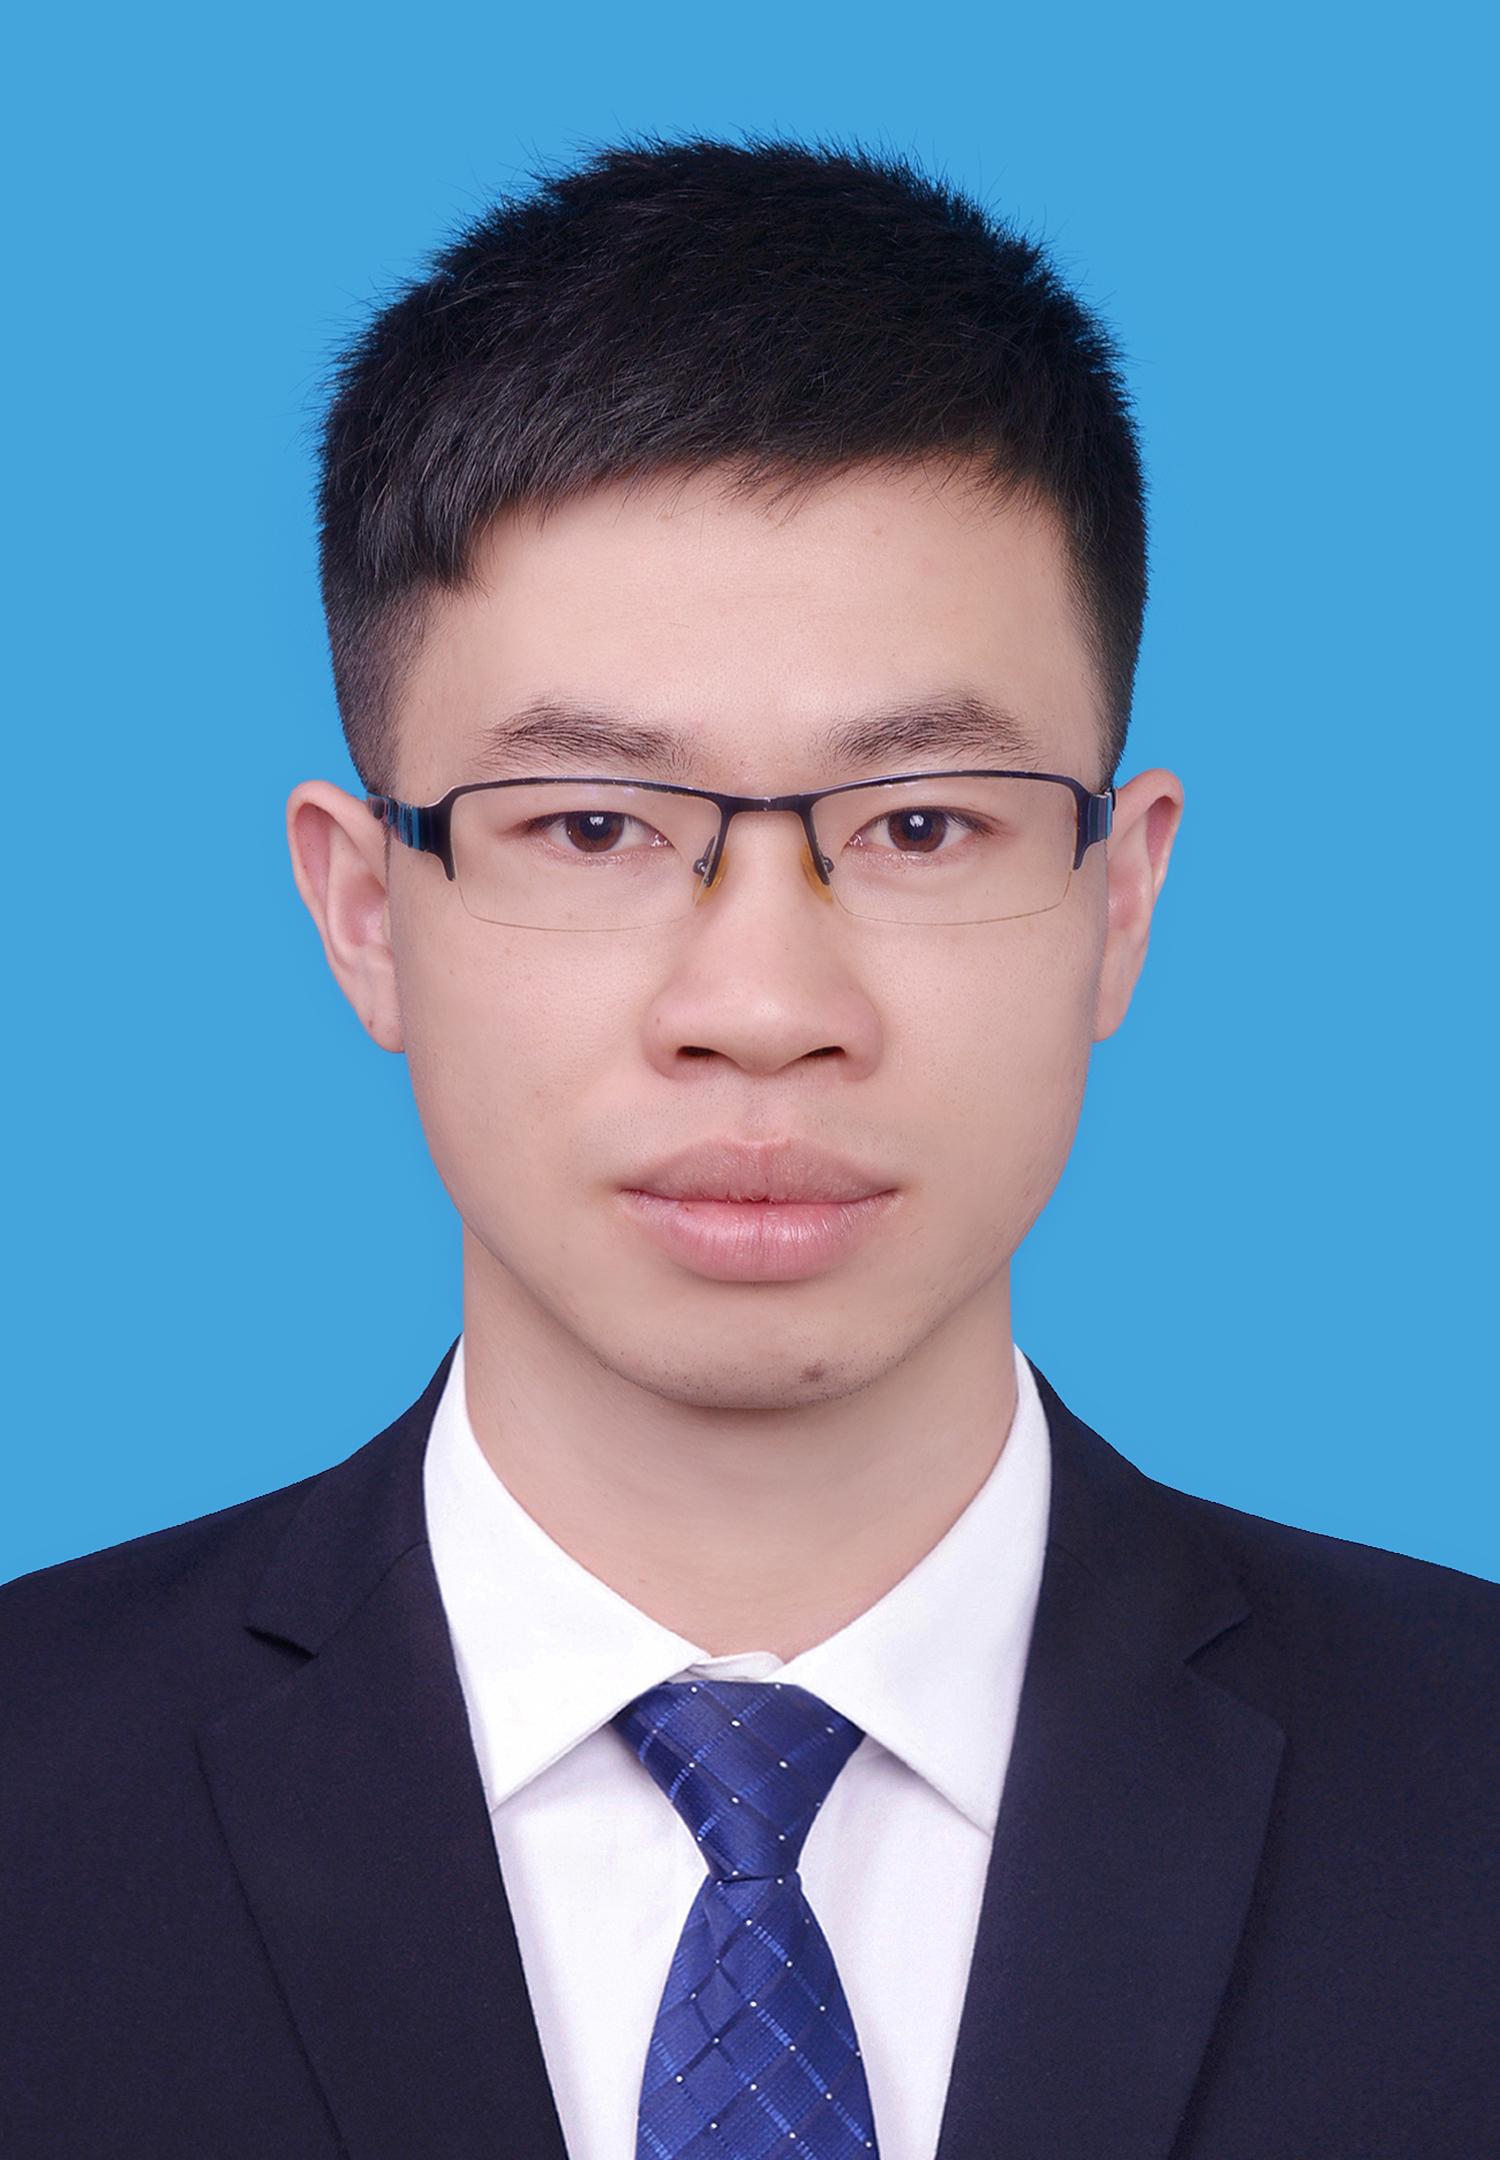 重庆家教韦教员